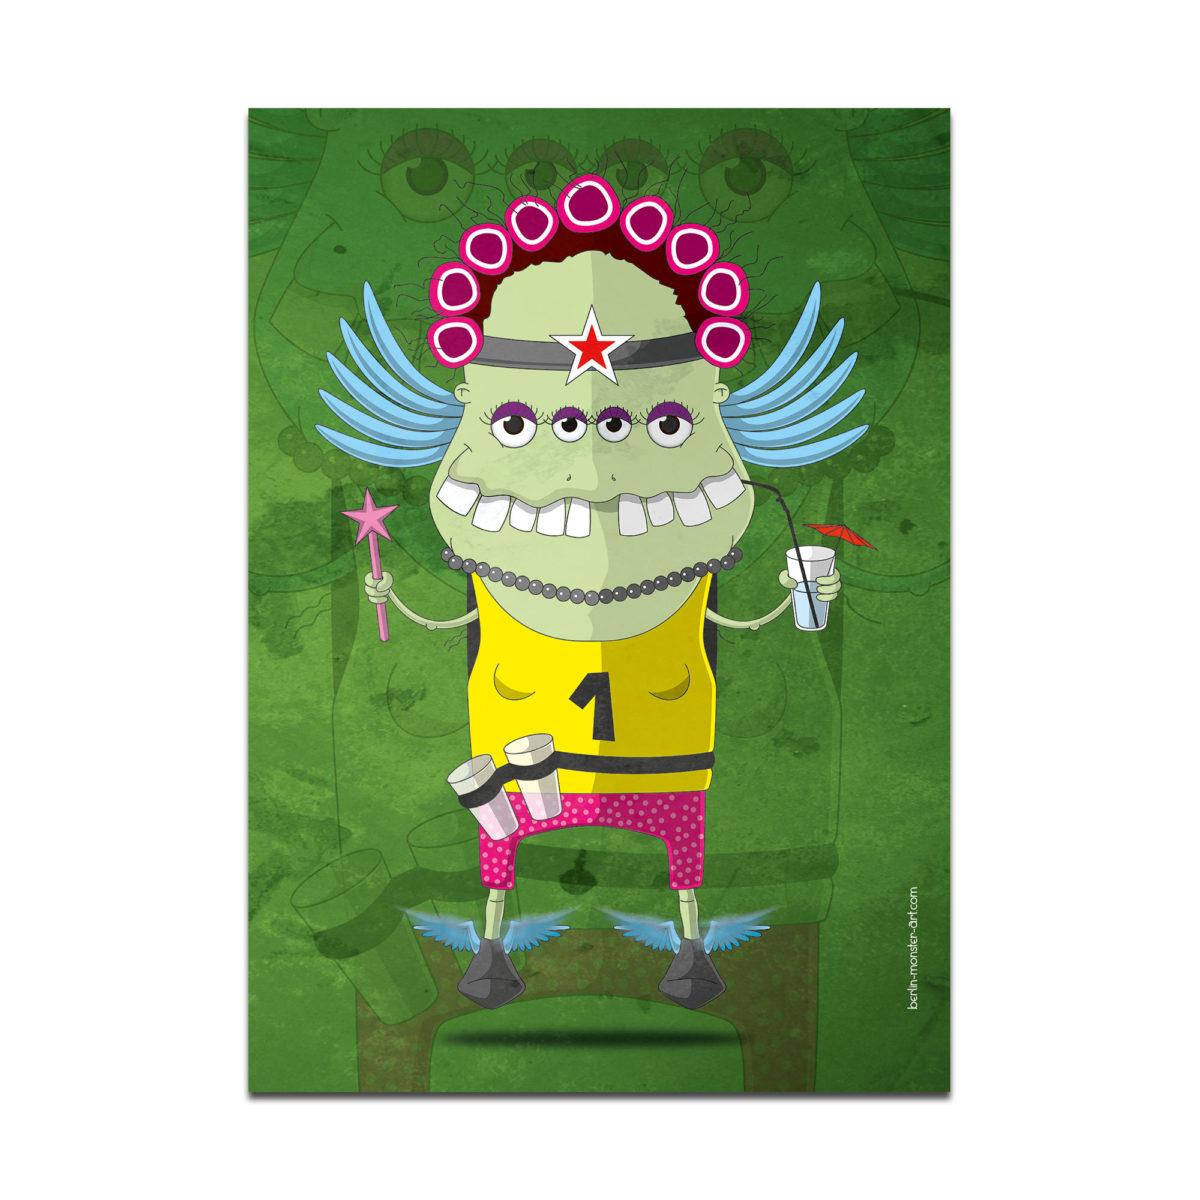 coole bedruckte monster postkarten postkarte verschenken verschicken briefkasten brief schicken liebe grüße gruß berlin-monster-art